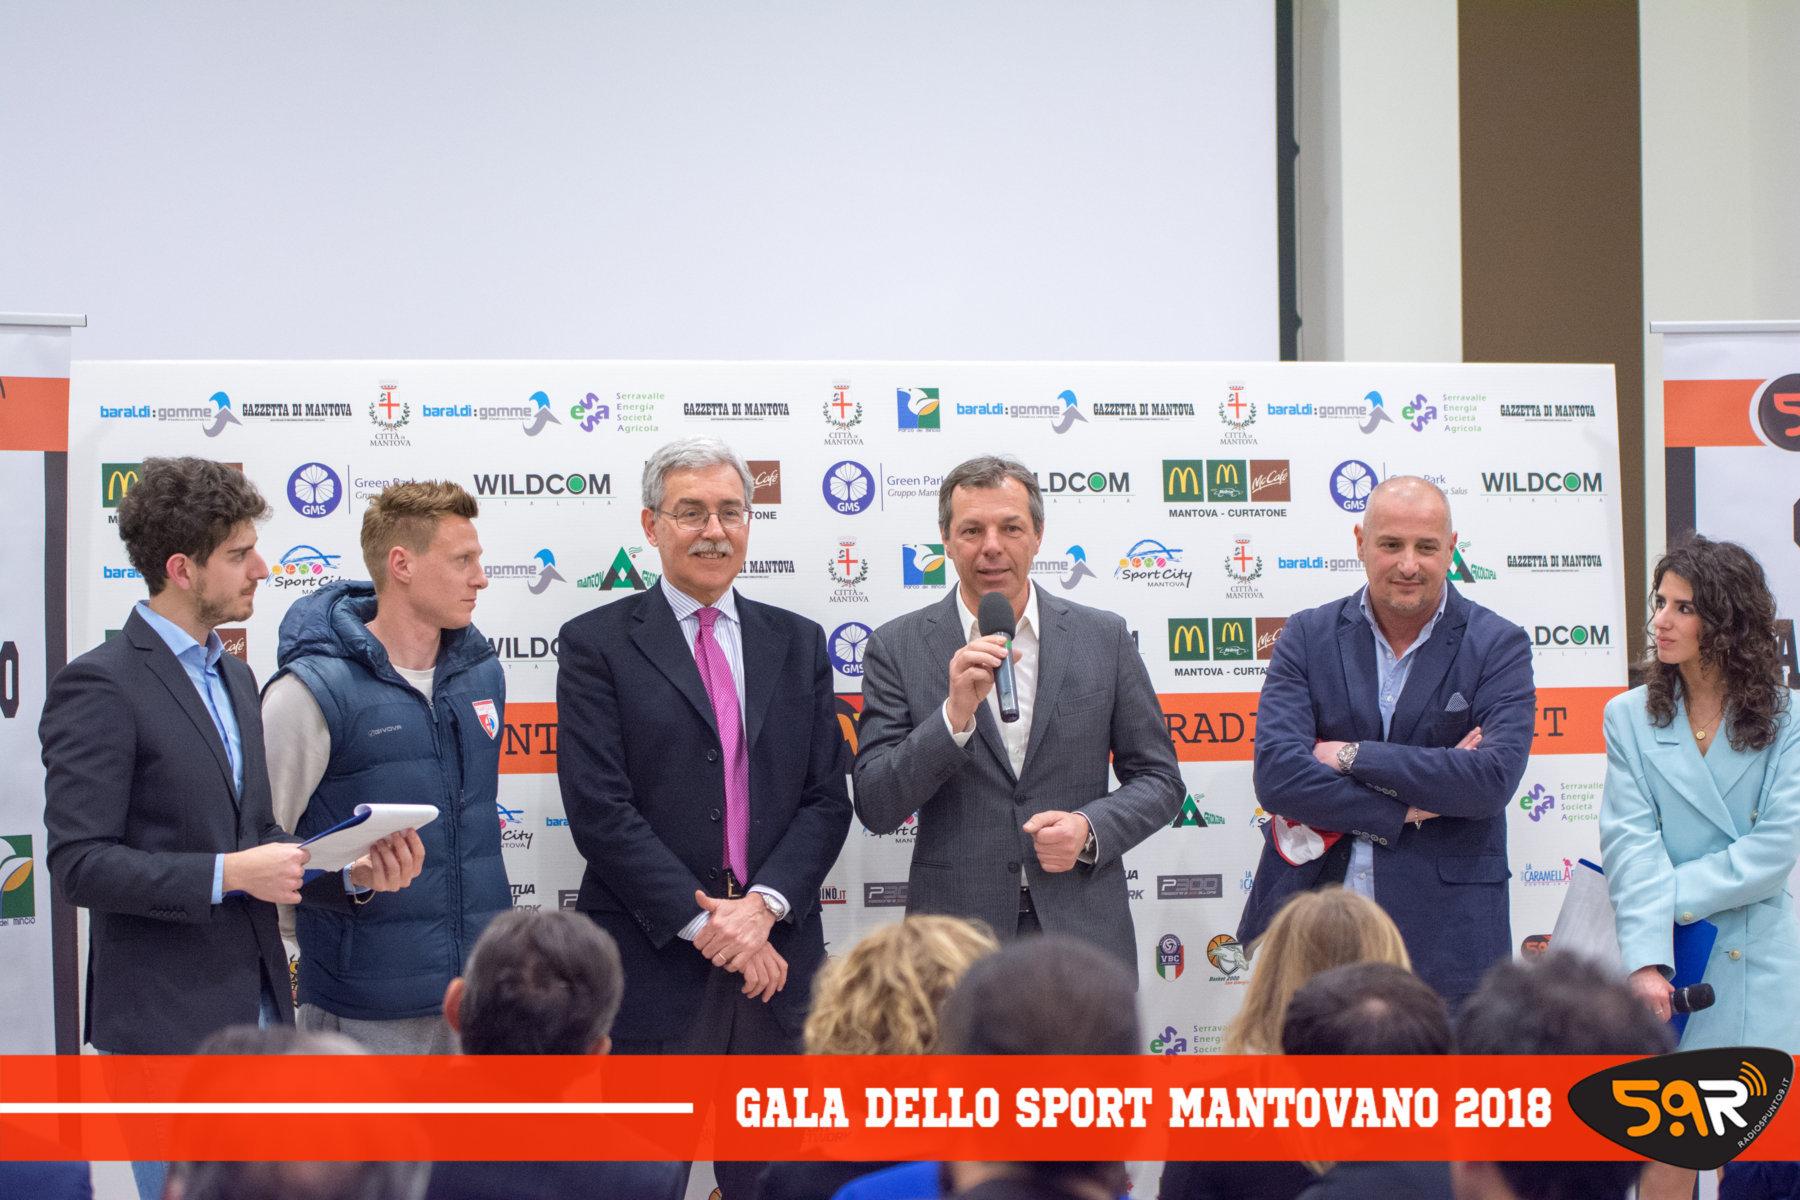 Gala dello Sport Mantovano 2018 Web Radio 5 (2)